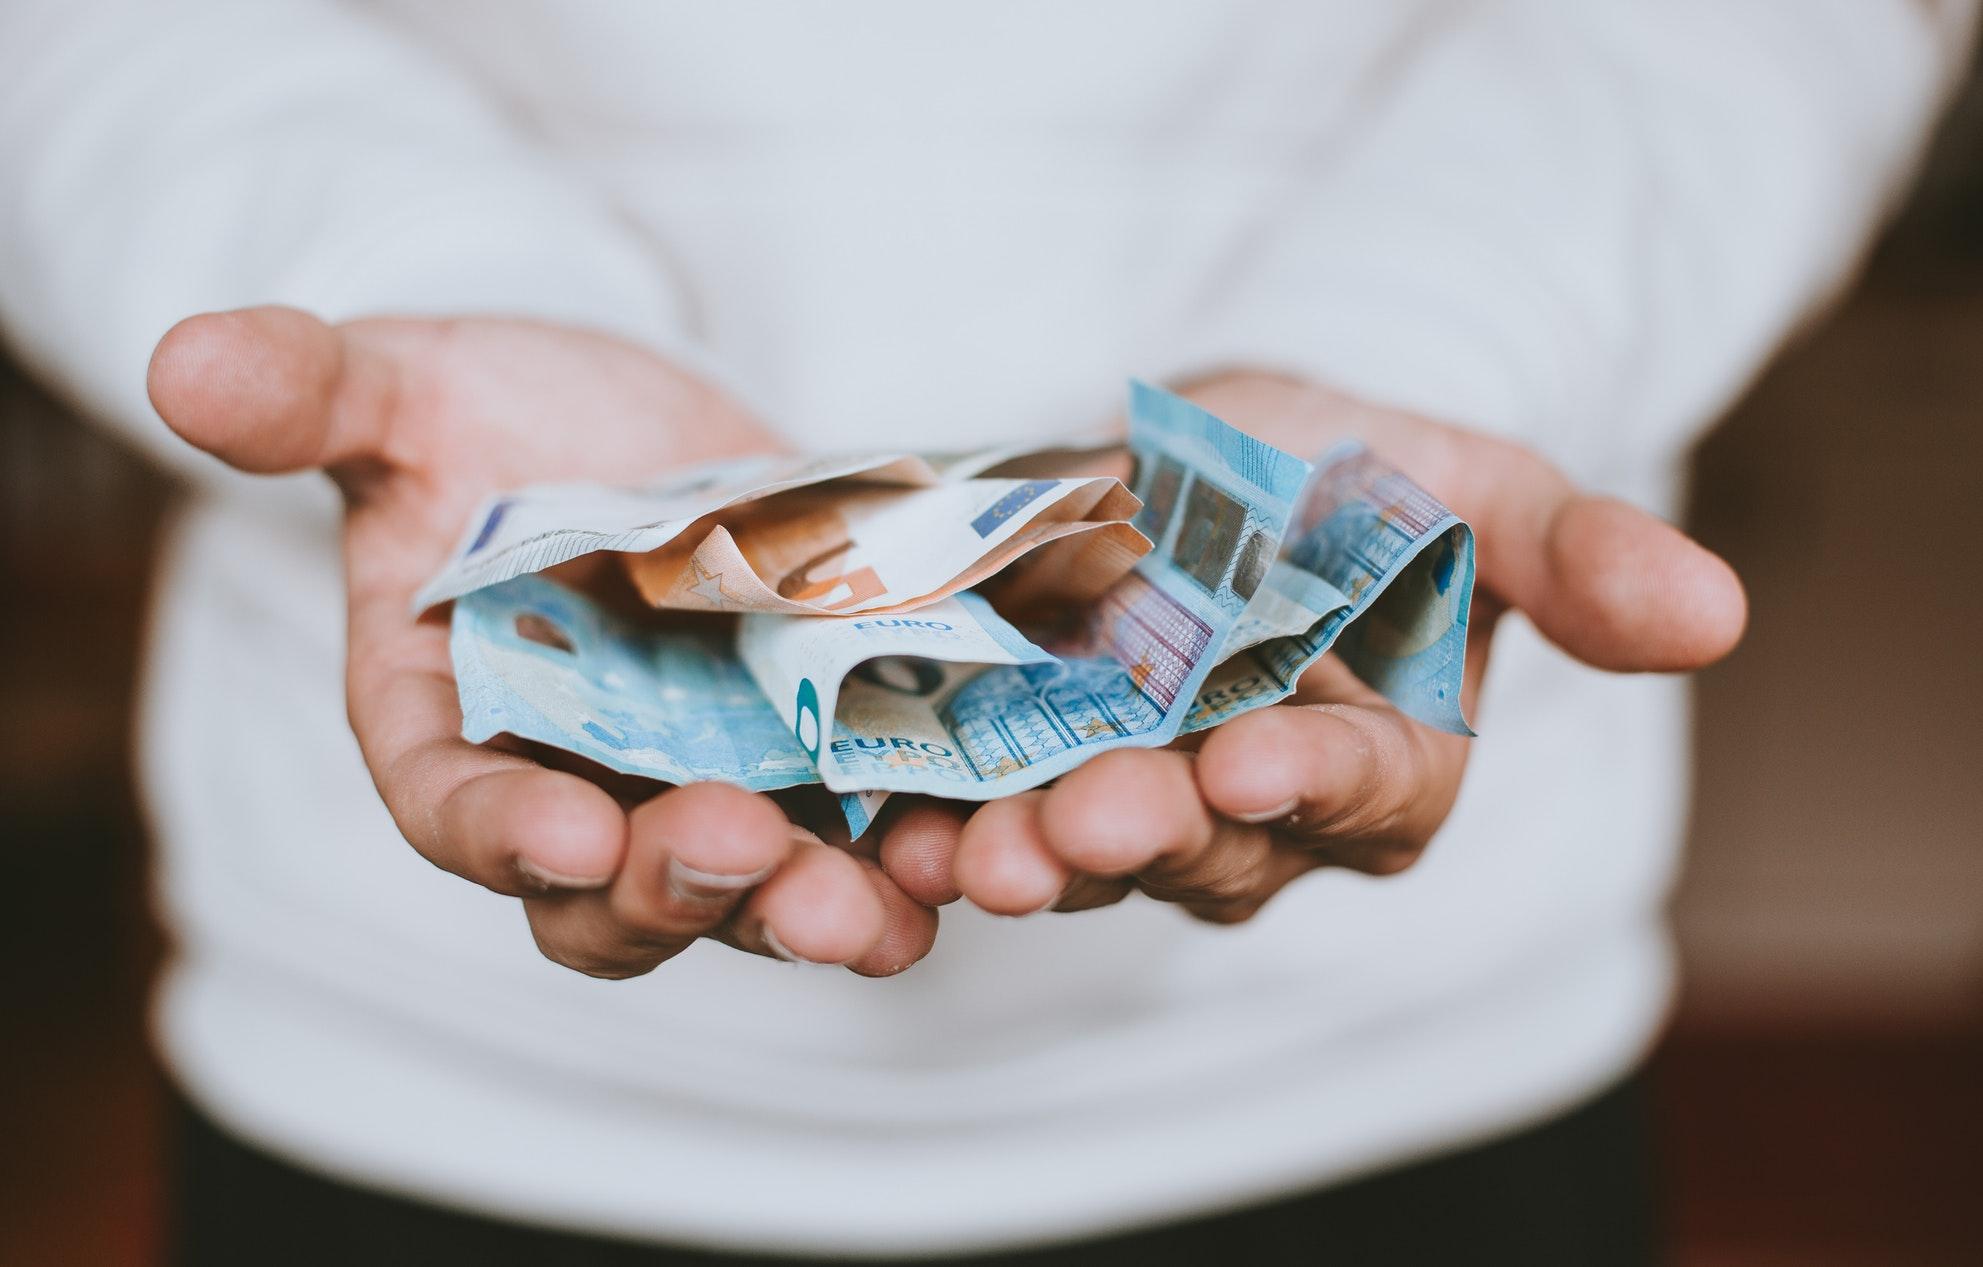 dinheiro no exterior